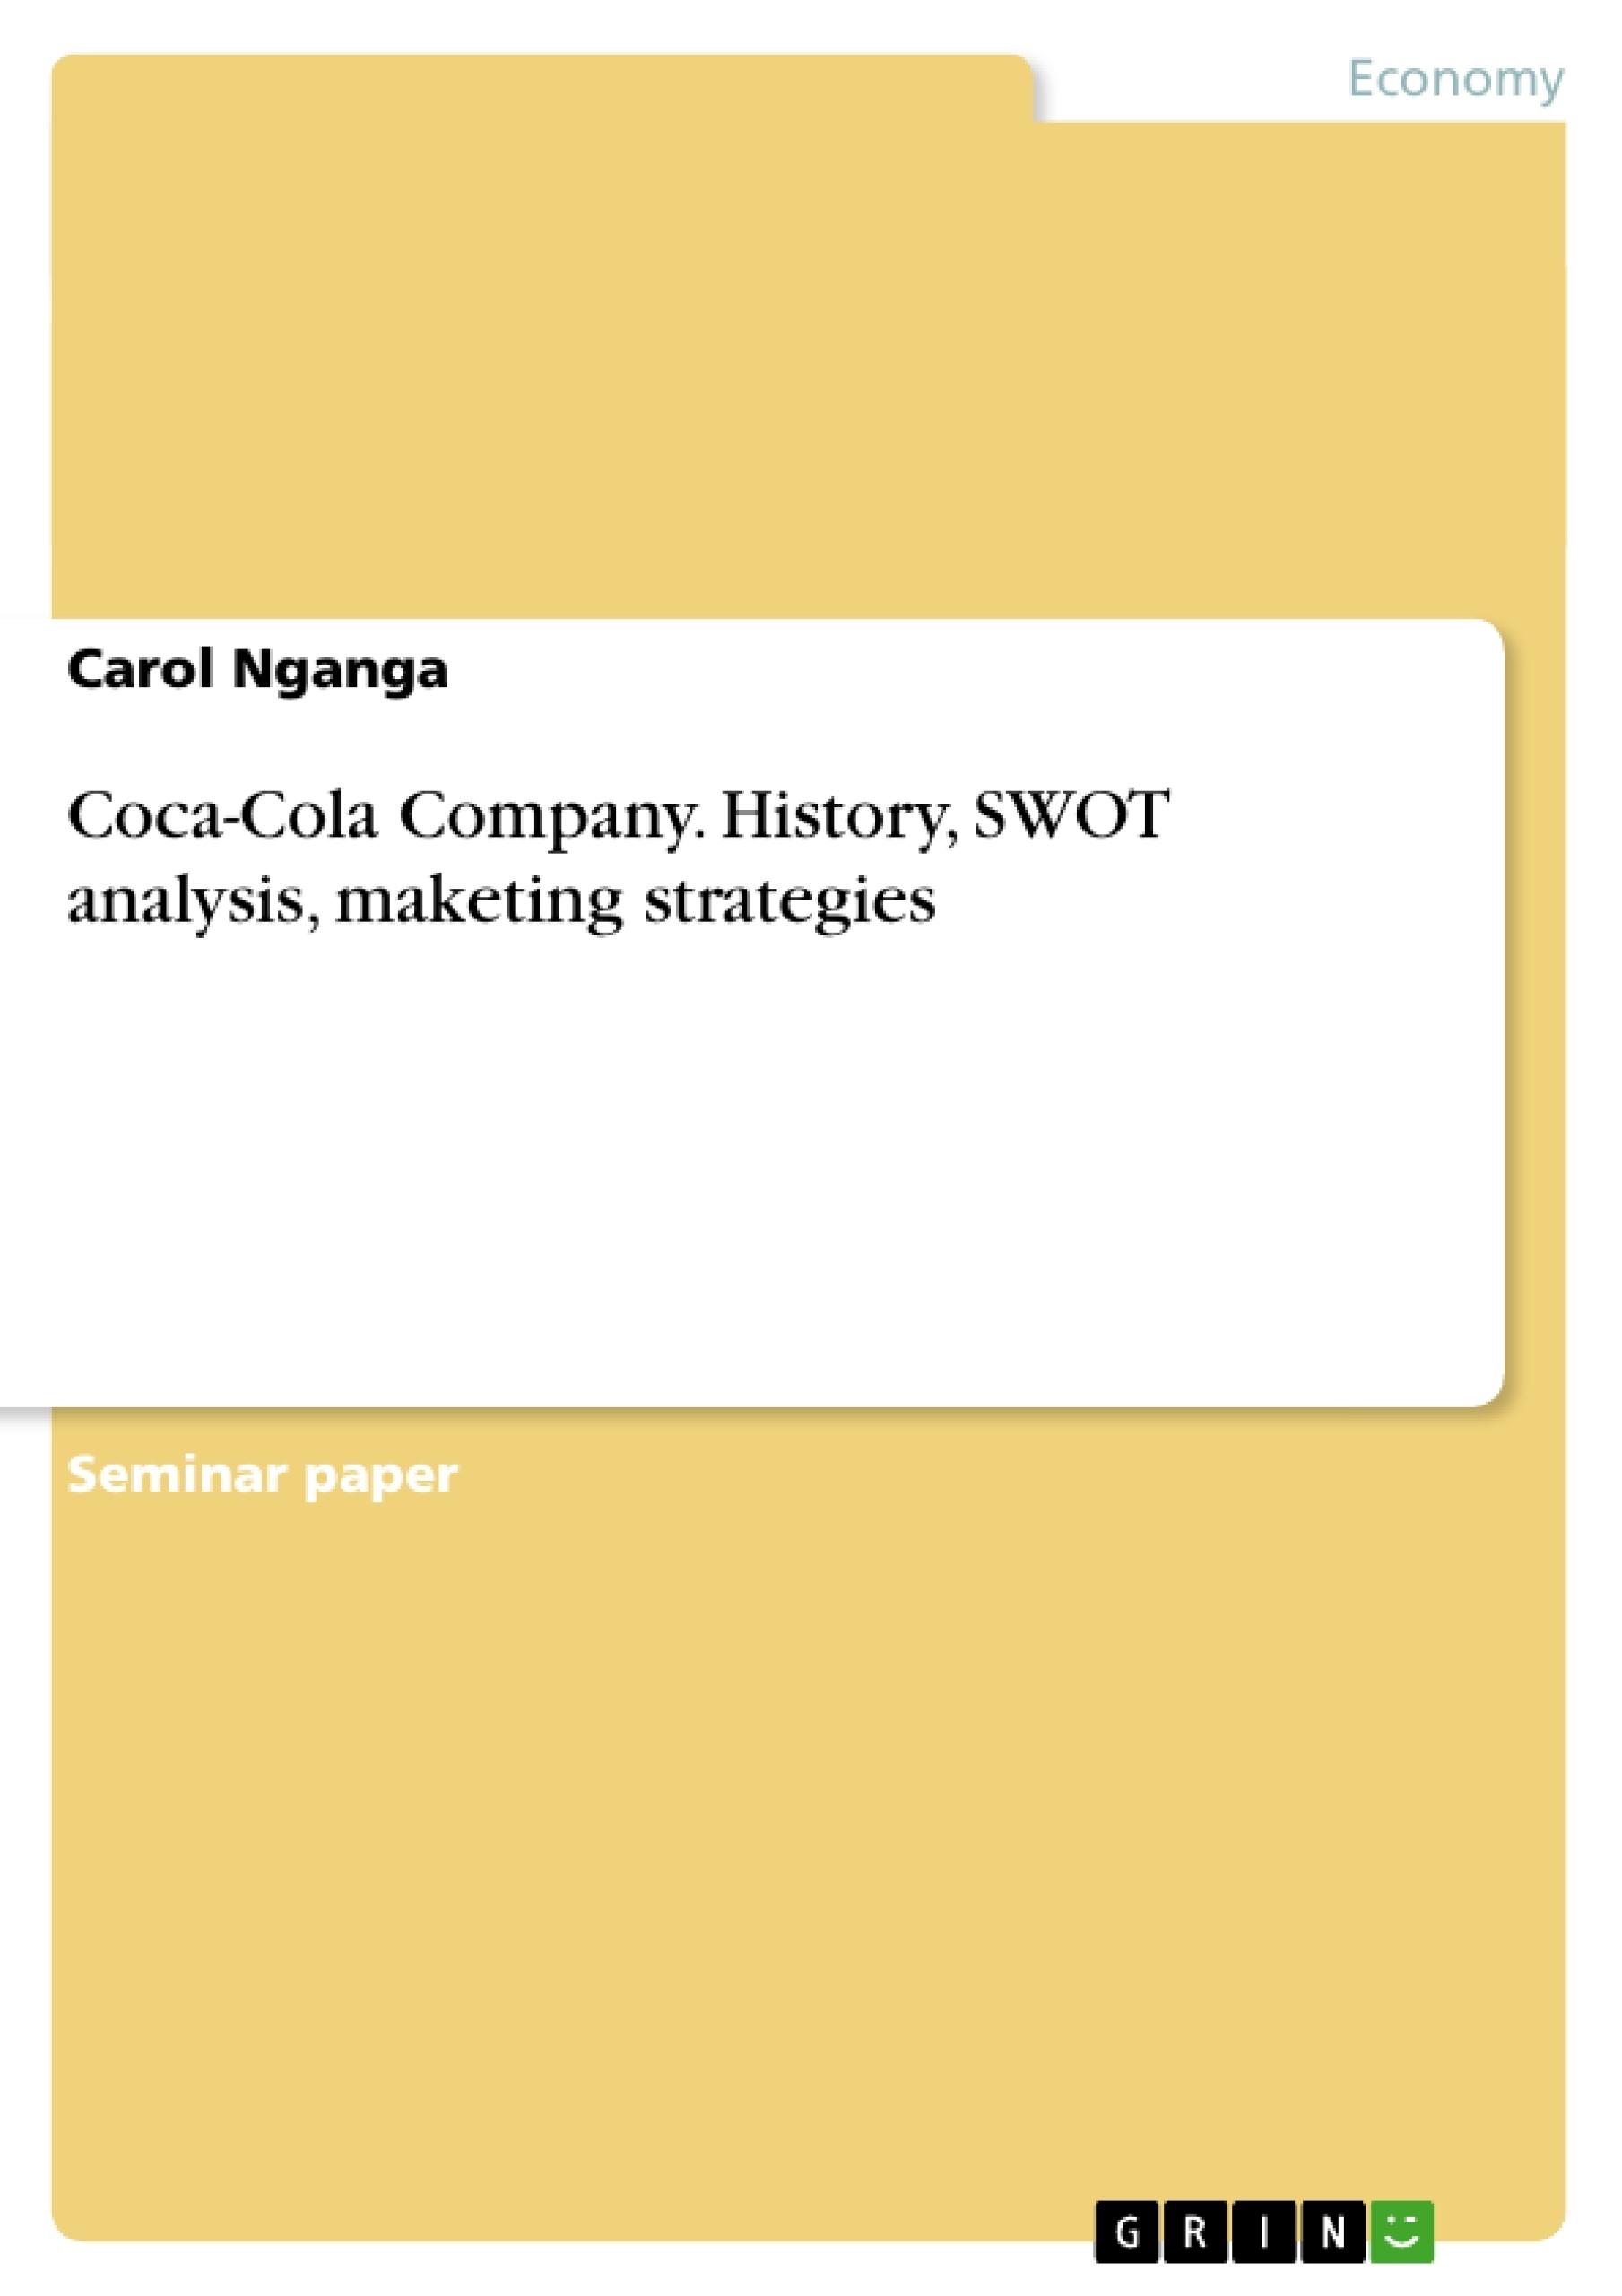 Masterarbeit influencer marketing schlusswort diplomarbeit beispiel